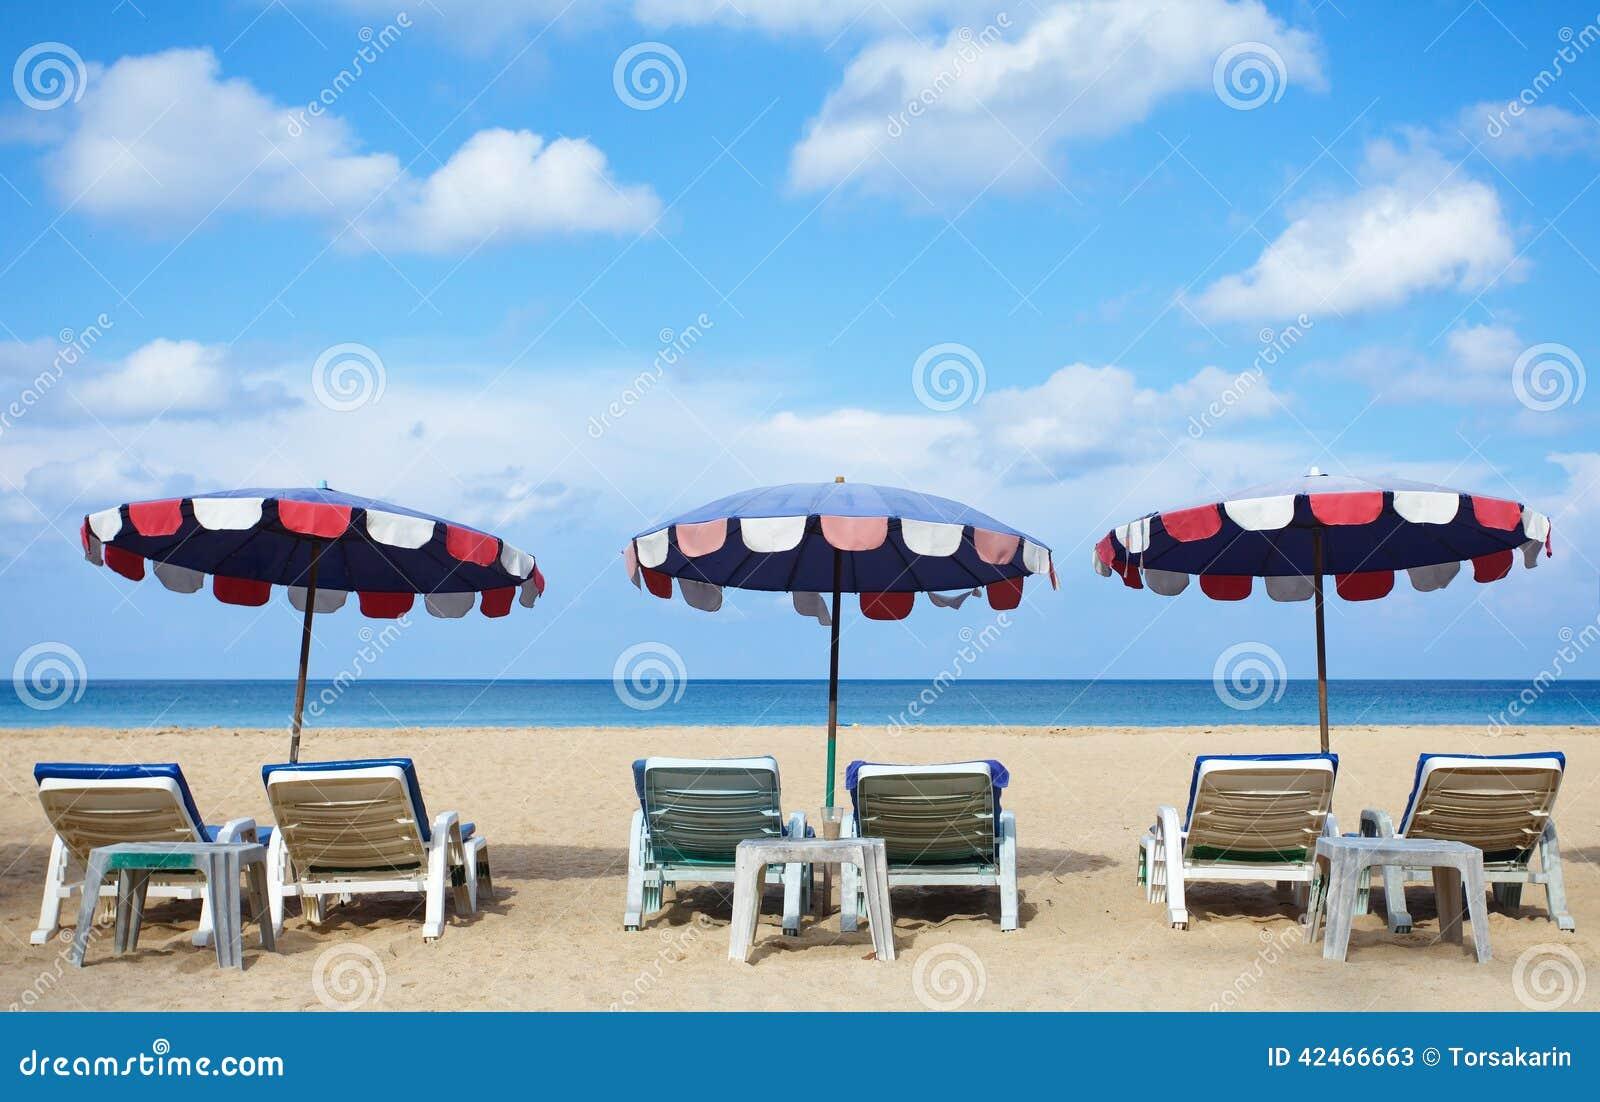 Stühle und Regenschirm